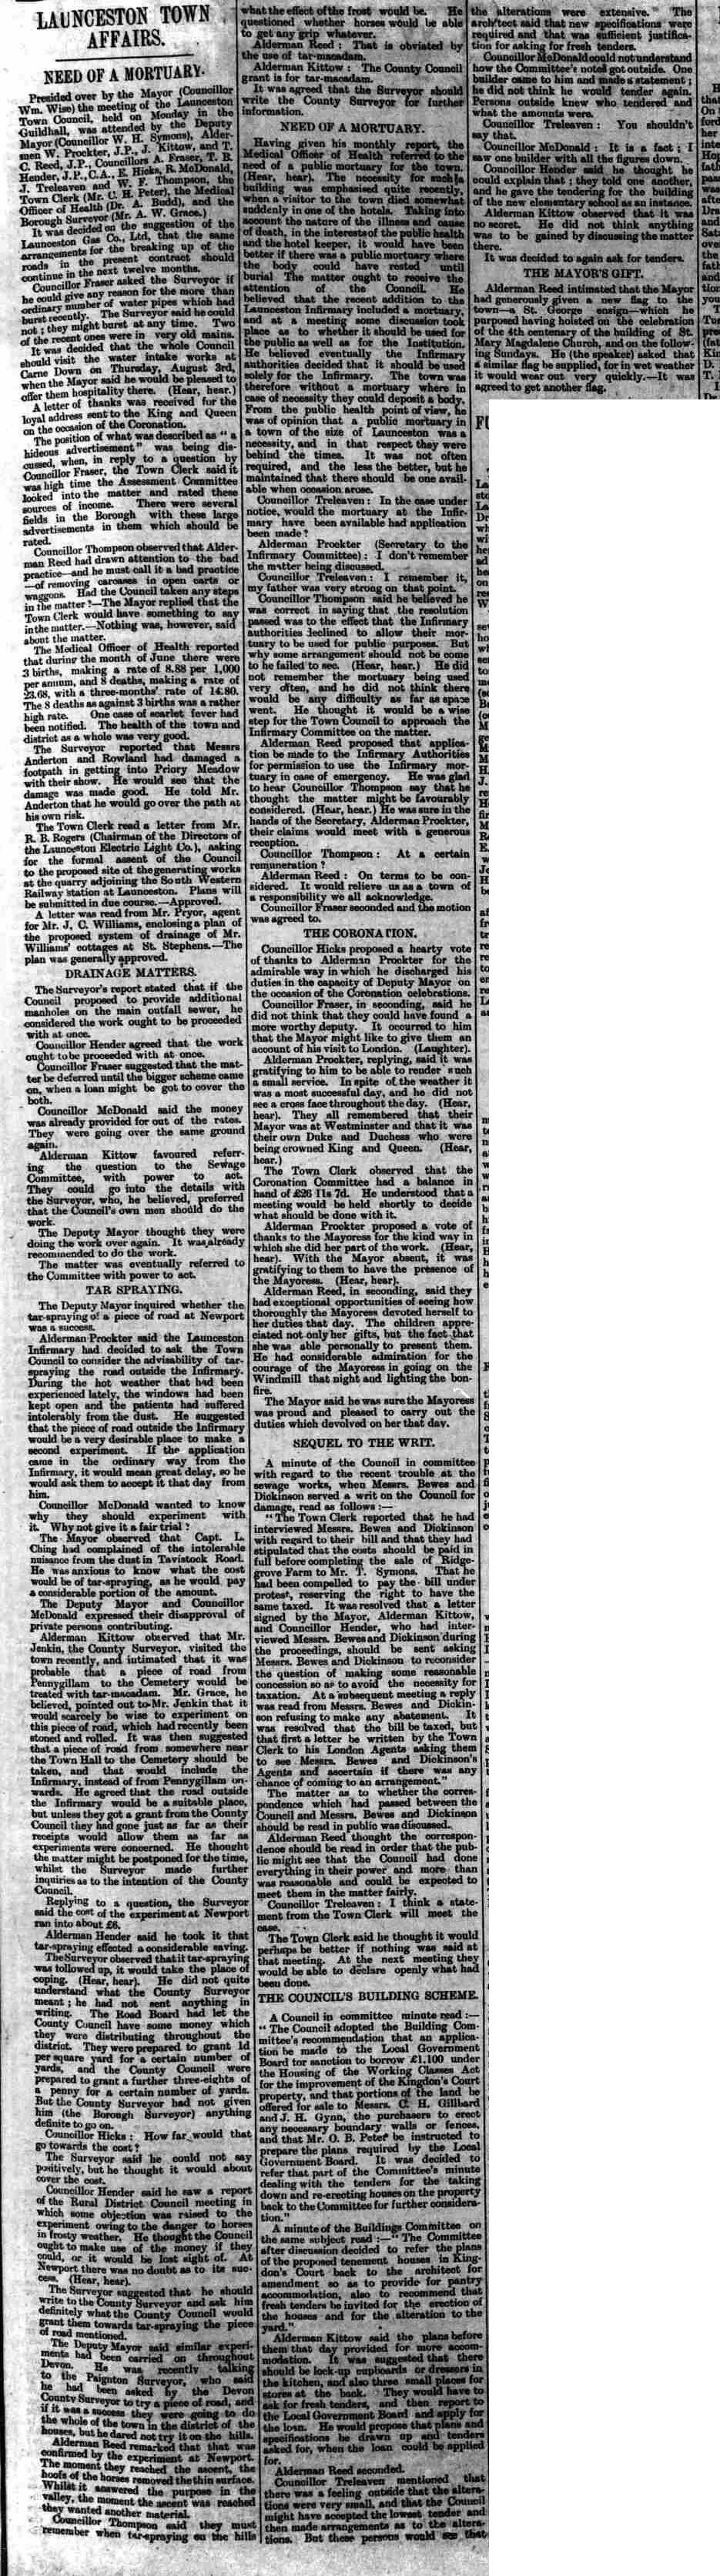 22 July 1911